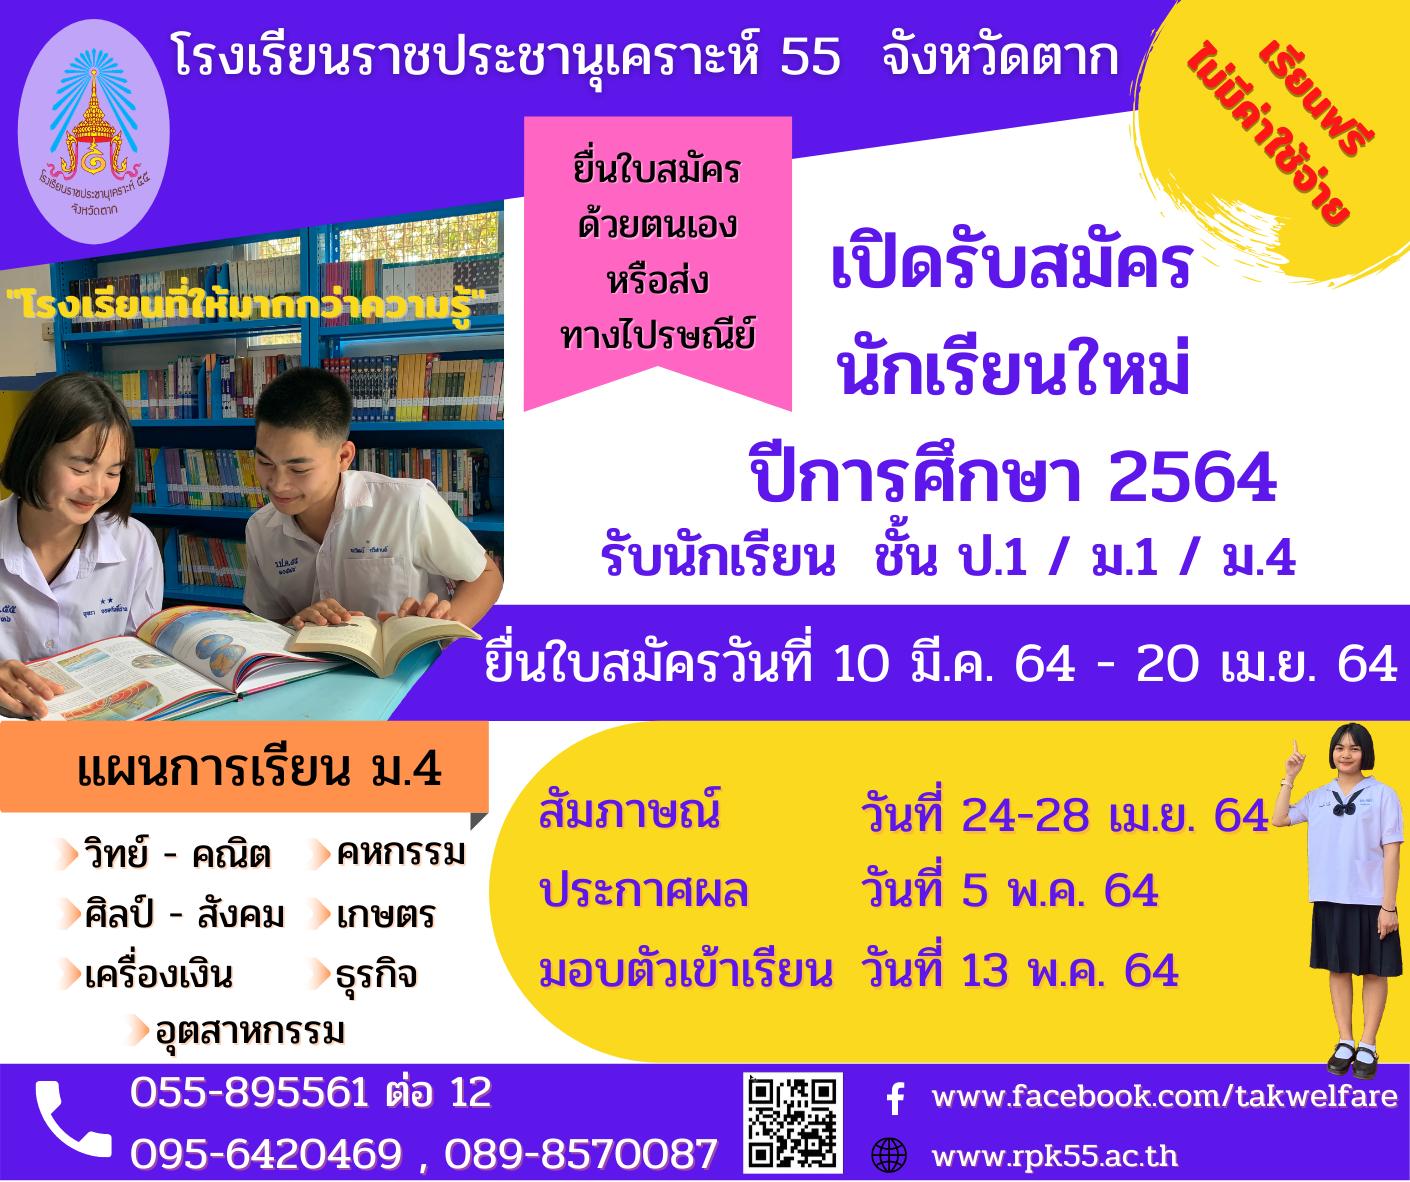 รายละเอียดการสมัครนักเรียน ประจำปีการศึกษา 2564